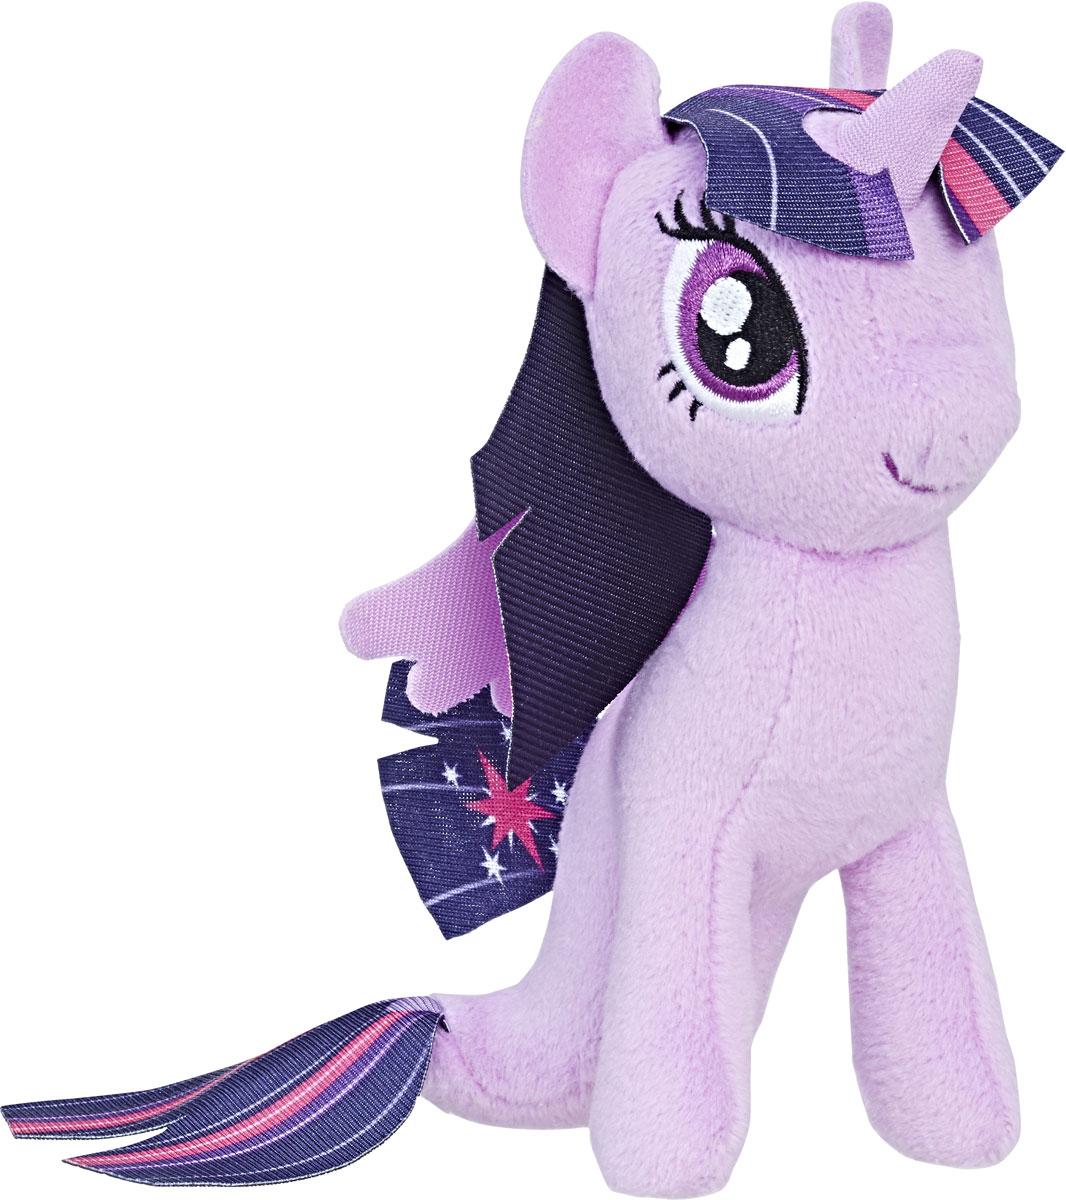 My Little Pony Мягкая игрушка Сумеречная Искорка 13 см markwins детская декоративная косметика markwins my little pony сумеречная искорка для губ